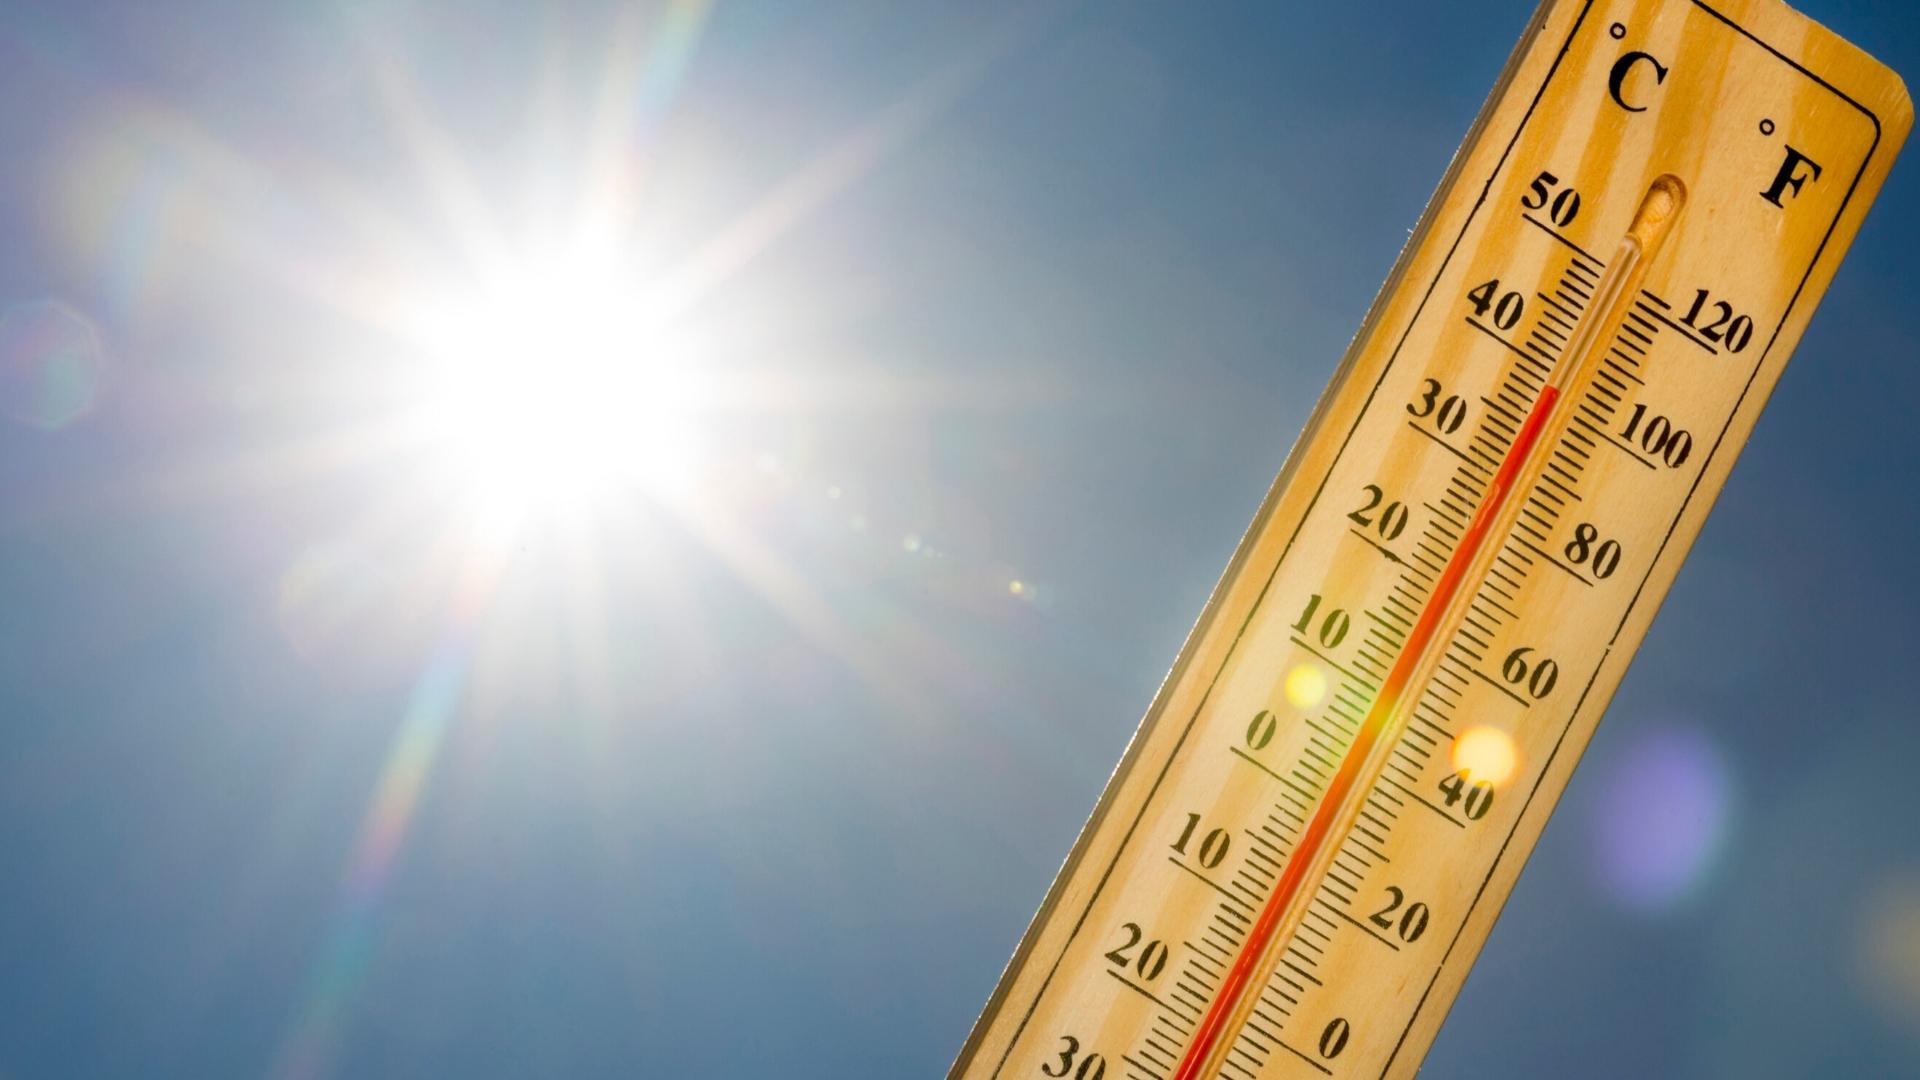 Οι μέγιστες θερμοκρασίες που καταγράφηκαν την 1/8/2021 στην Θεσσαλία